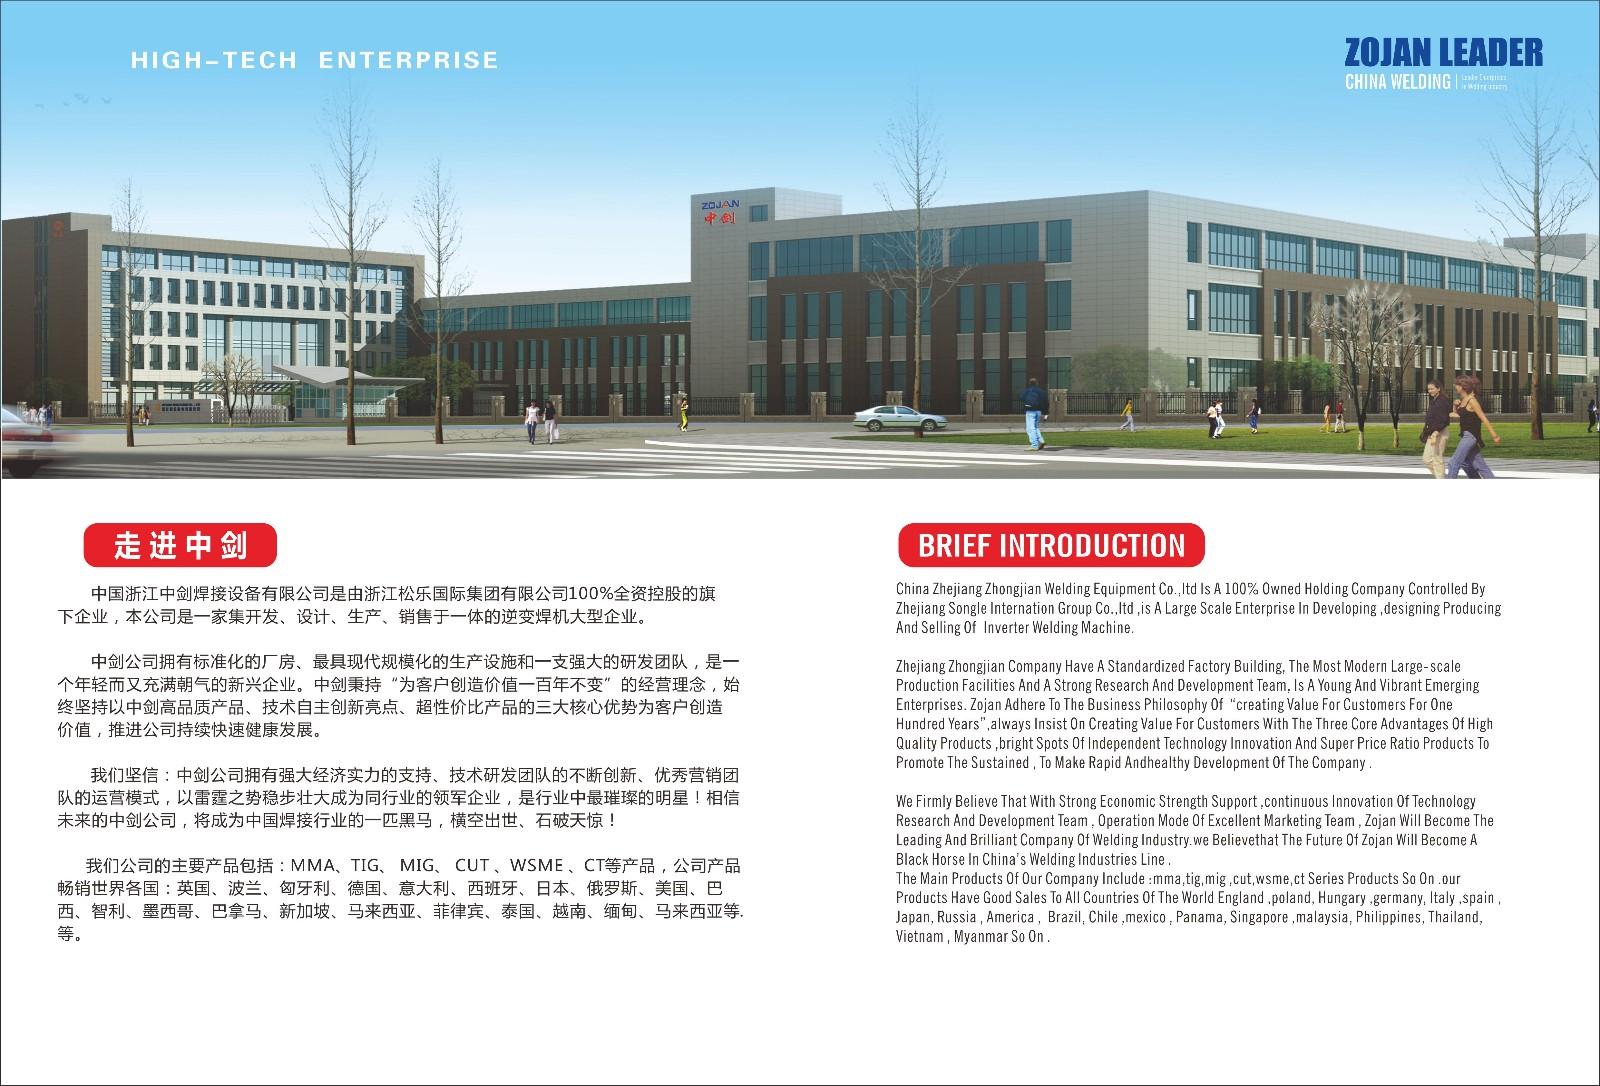 ZHEJIANG ZHONGJIAN TECHNOLOGY CO.,LTD